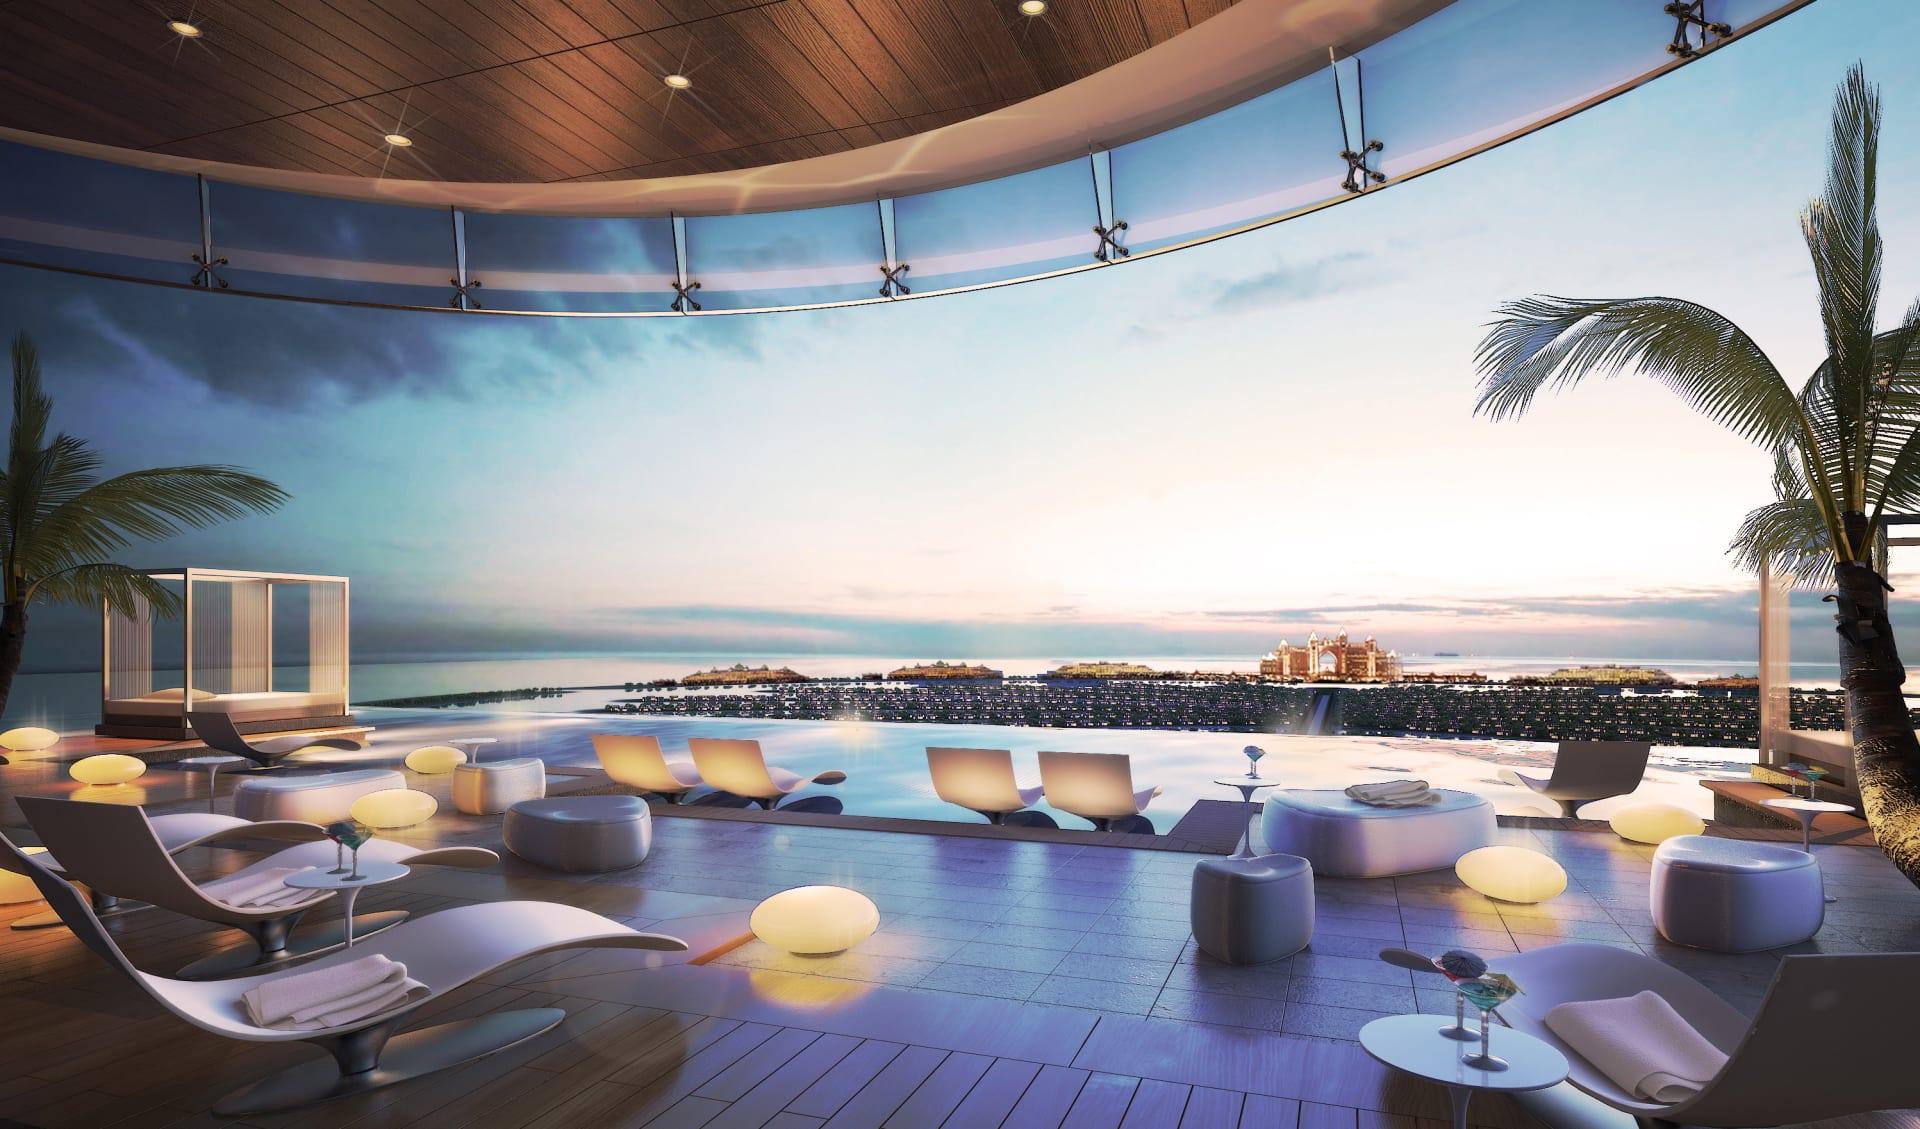 من أعلى البرج.. كيف يبدو هذا المسبح اللامتناهي في دبي؟